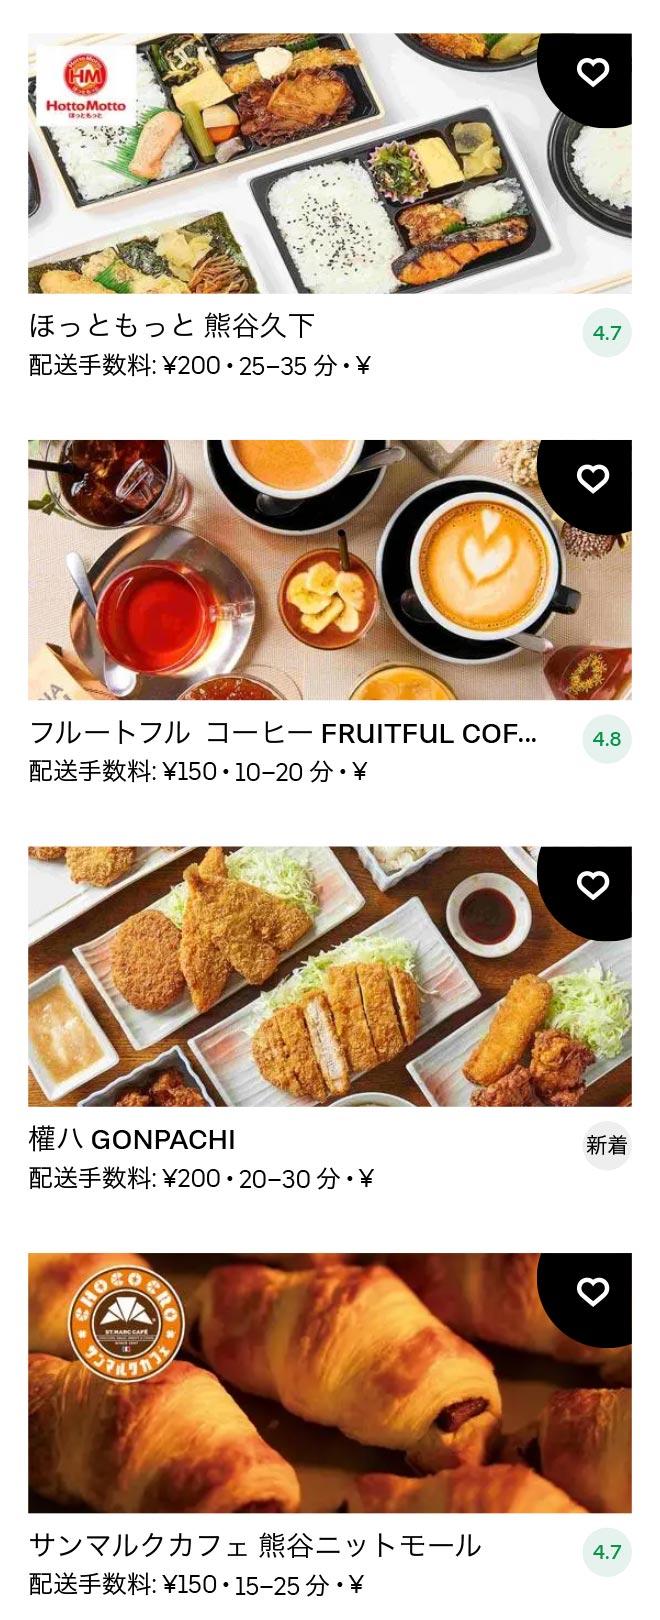 Kumagaya menu 2101 05